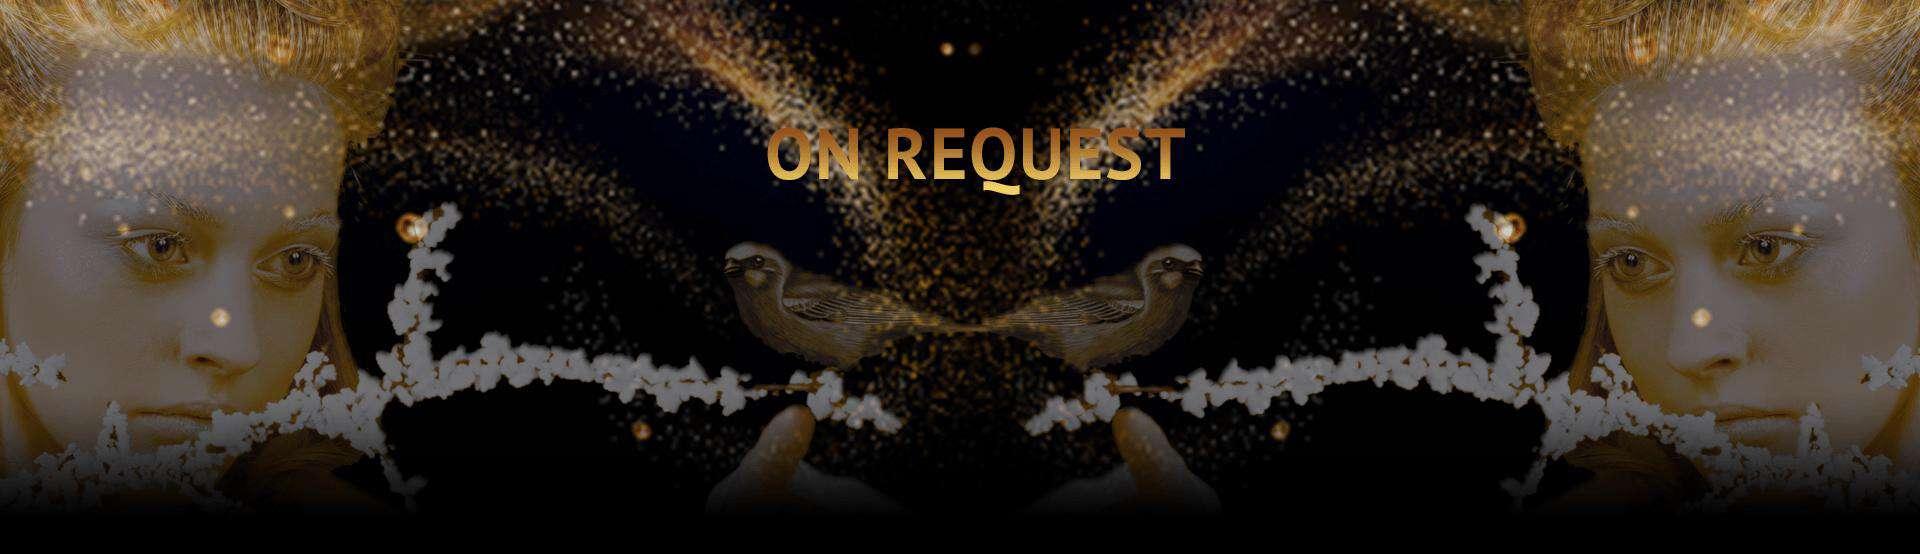 Vintage-onlineshop_header_On-Request_Uebersicht_fade